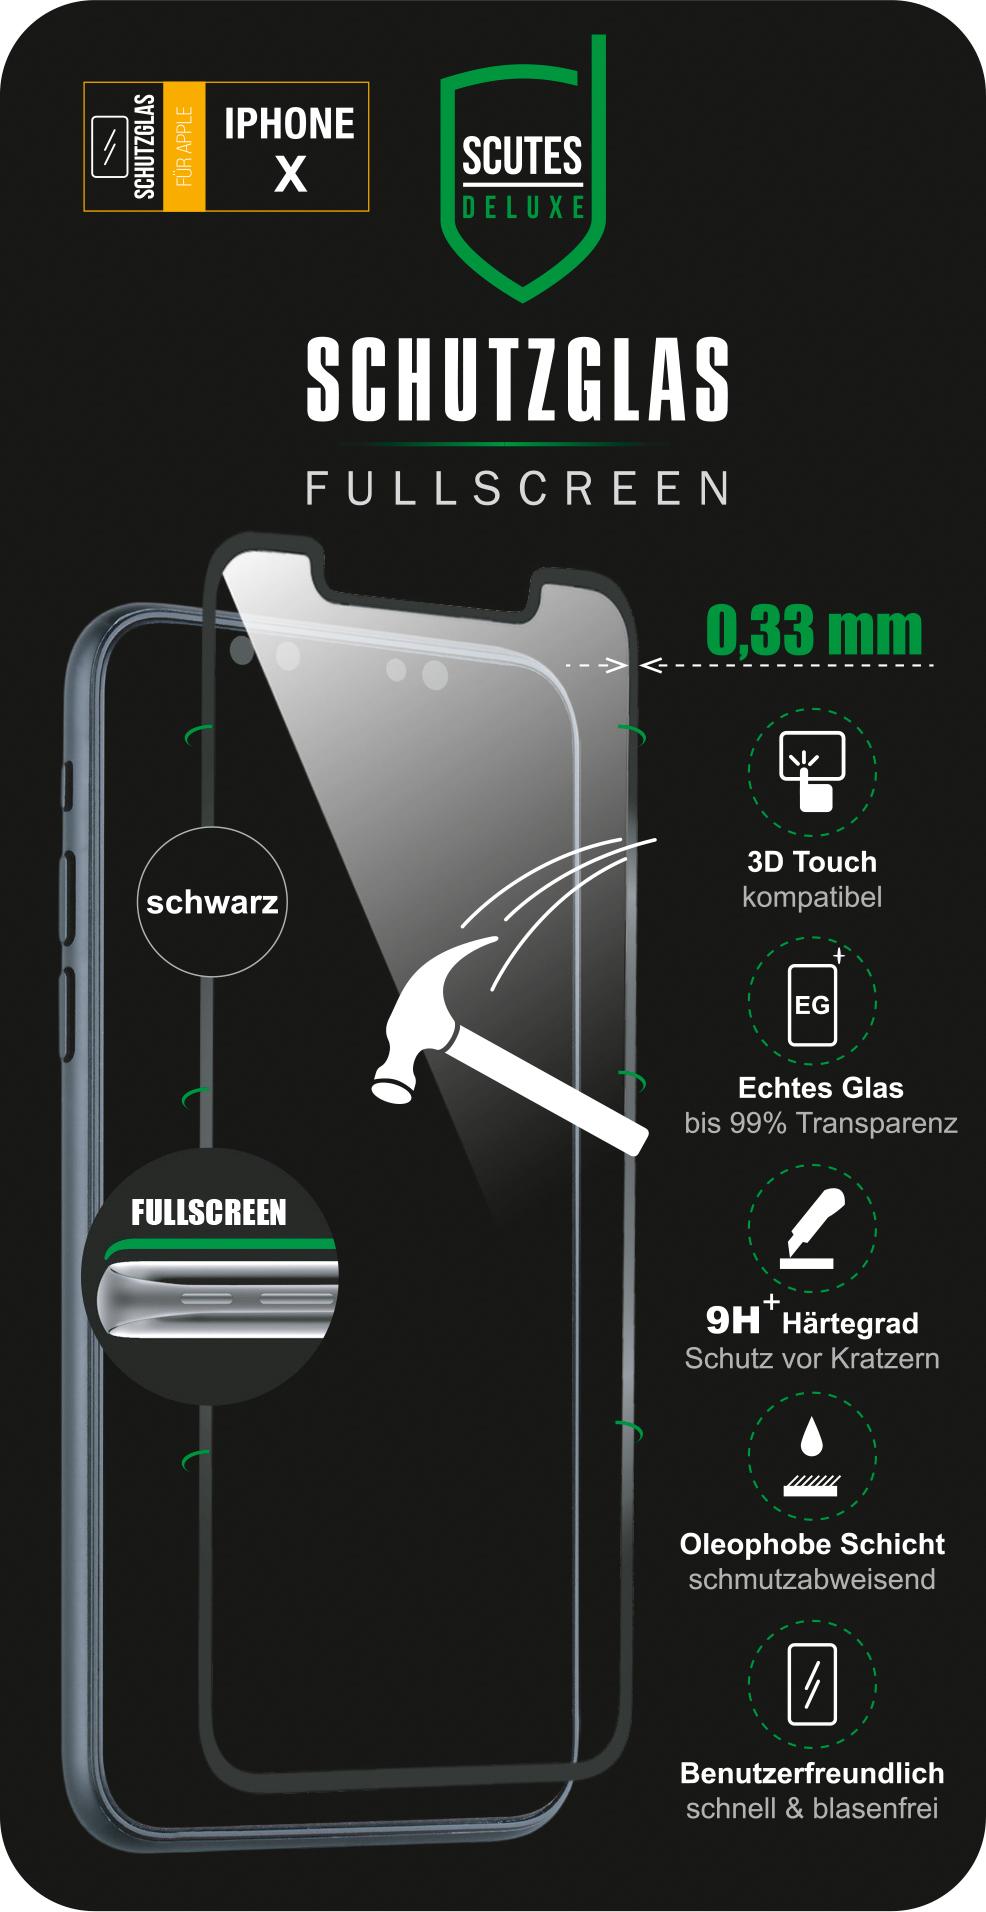 Fullscreen Schutzglas (iPhone X/XS)